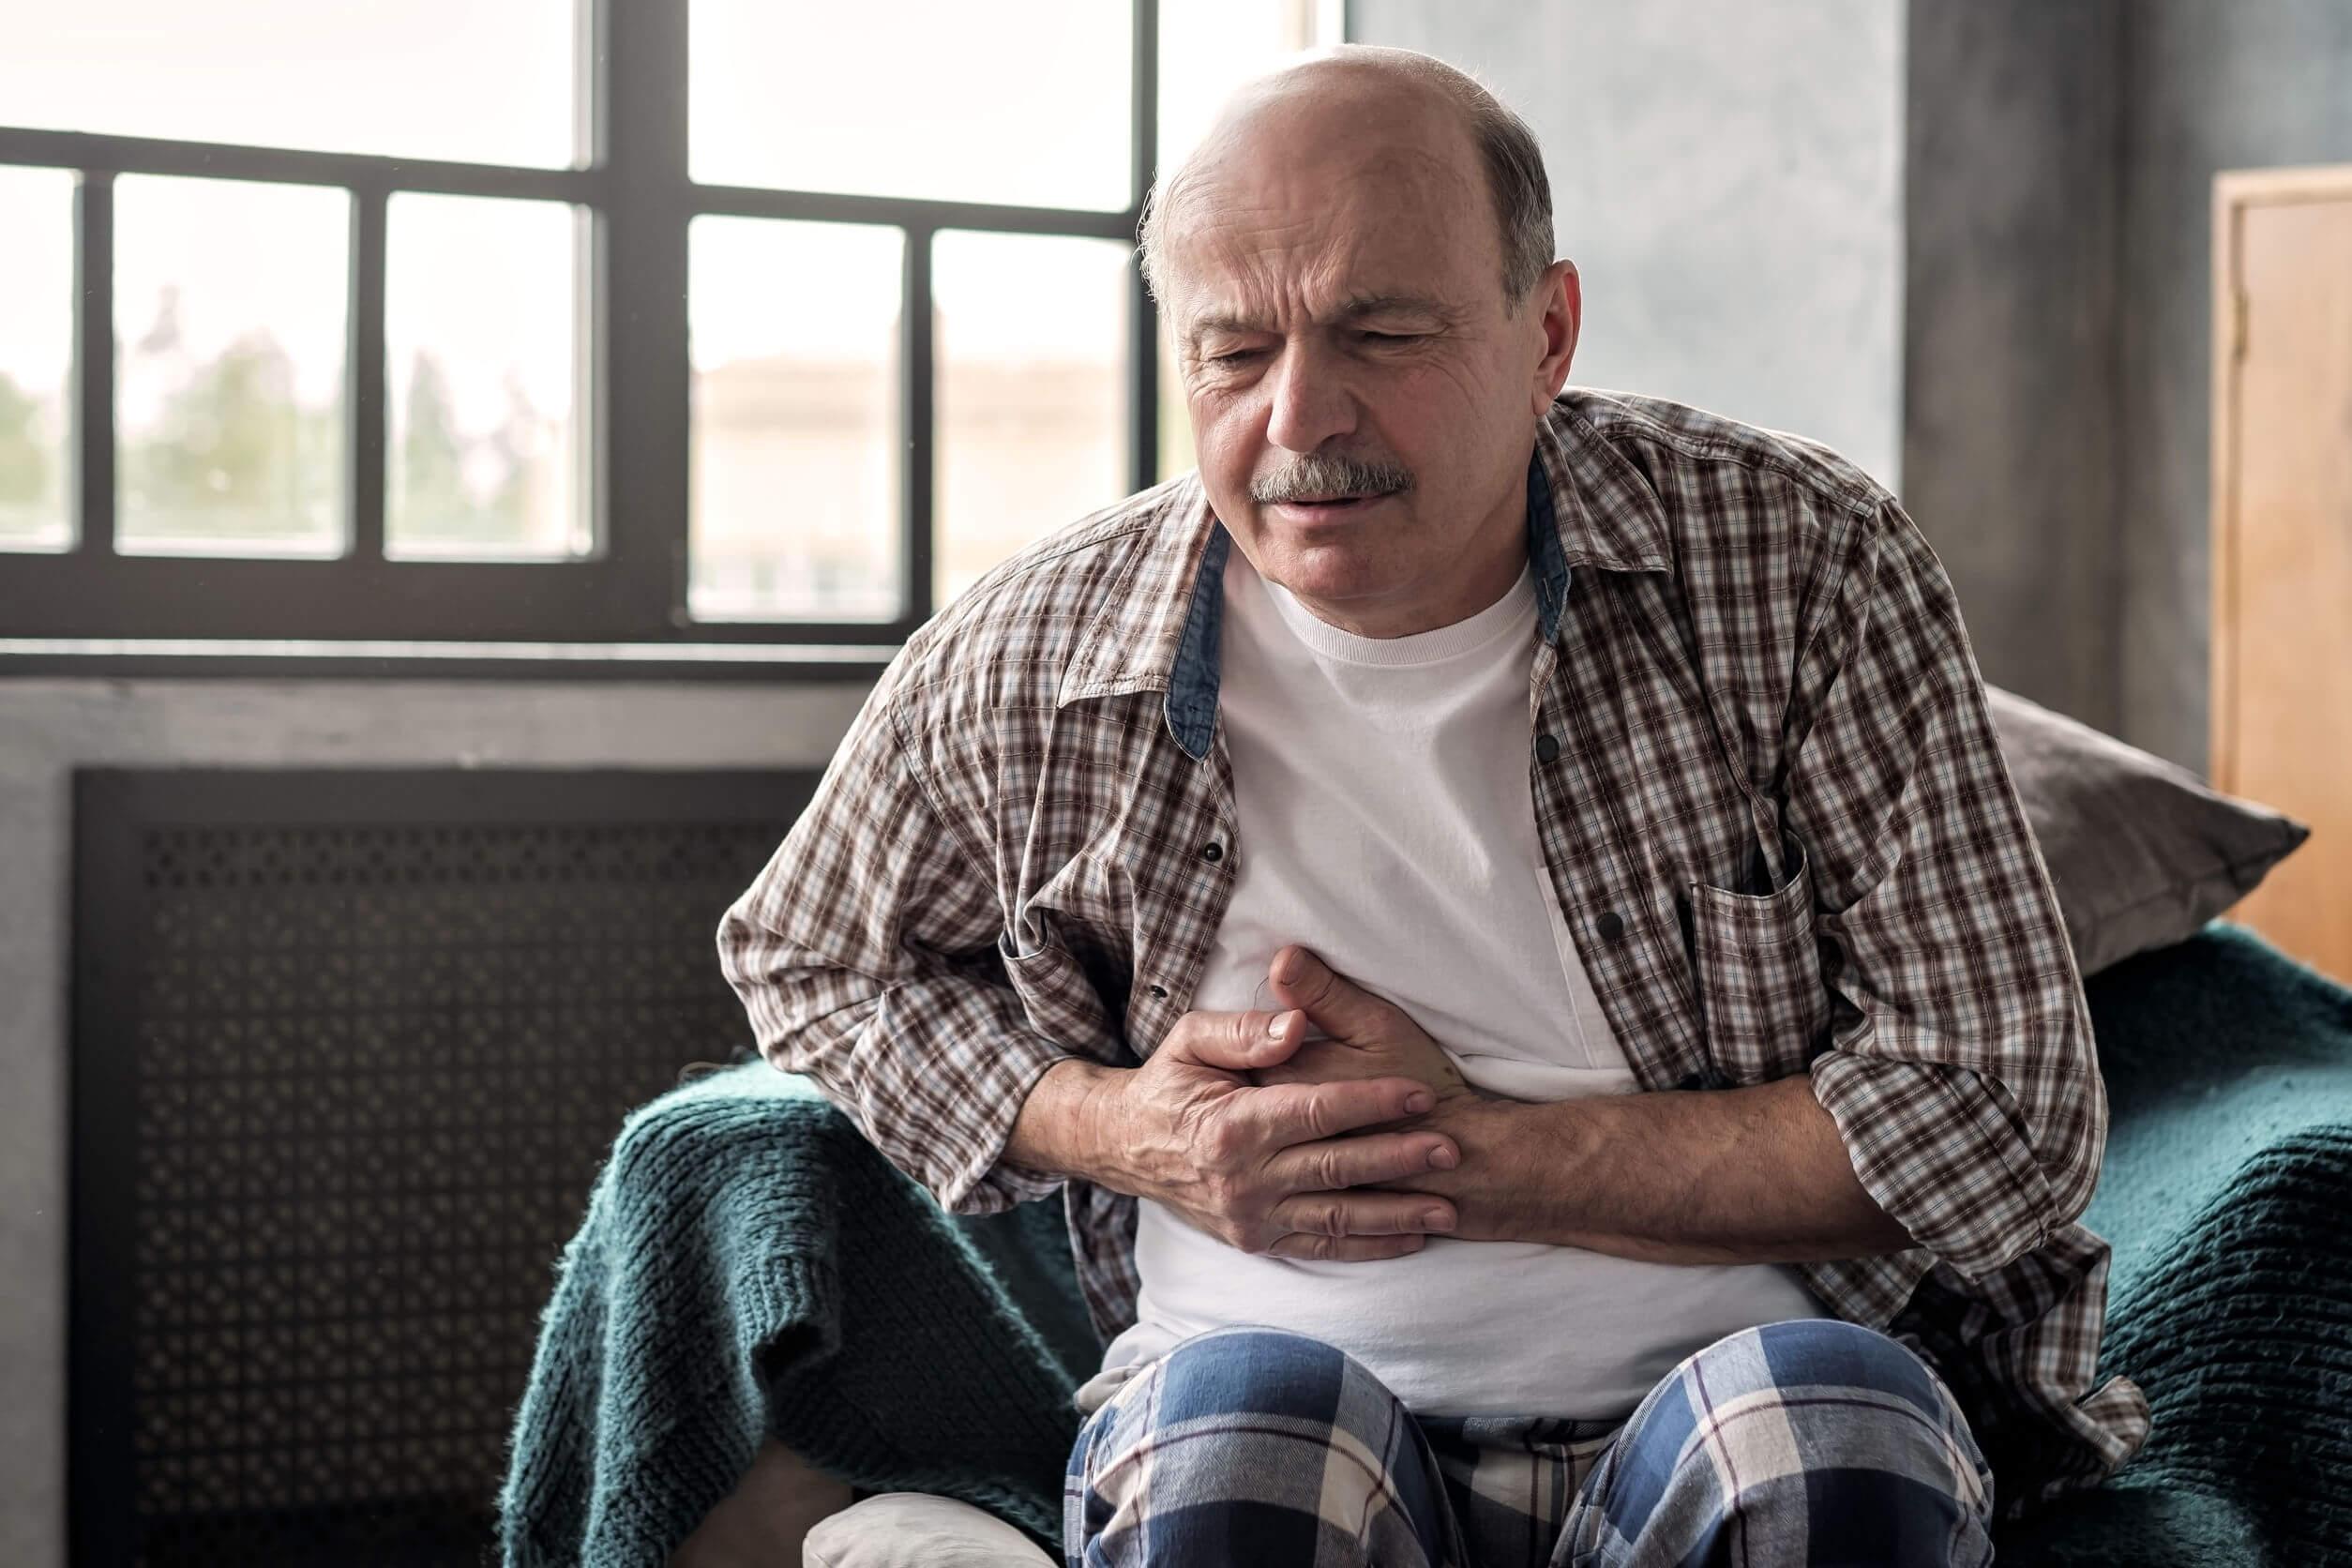 El dolor de los cálculos biliares es muy característicos.